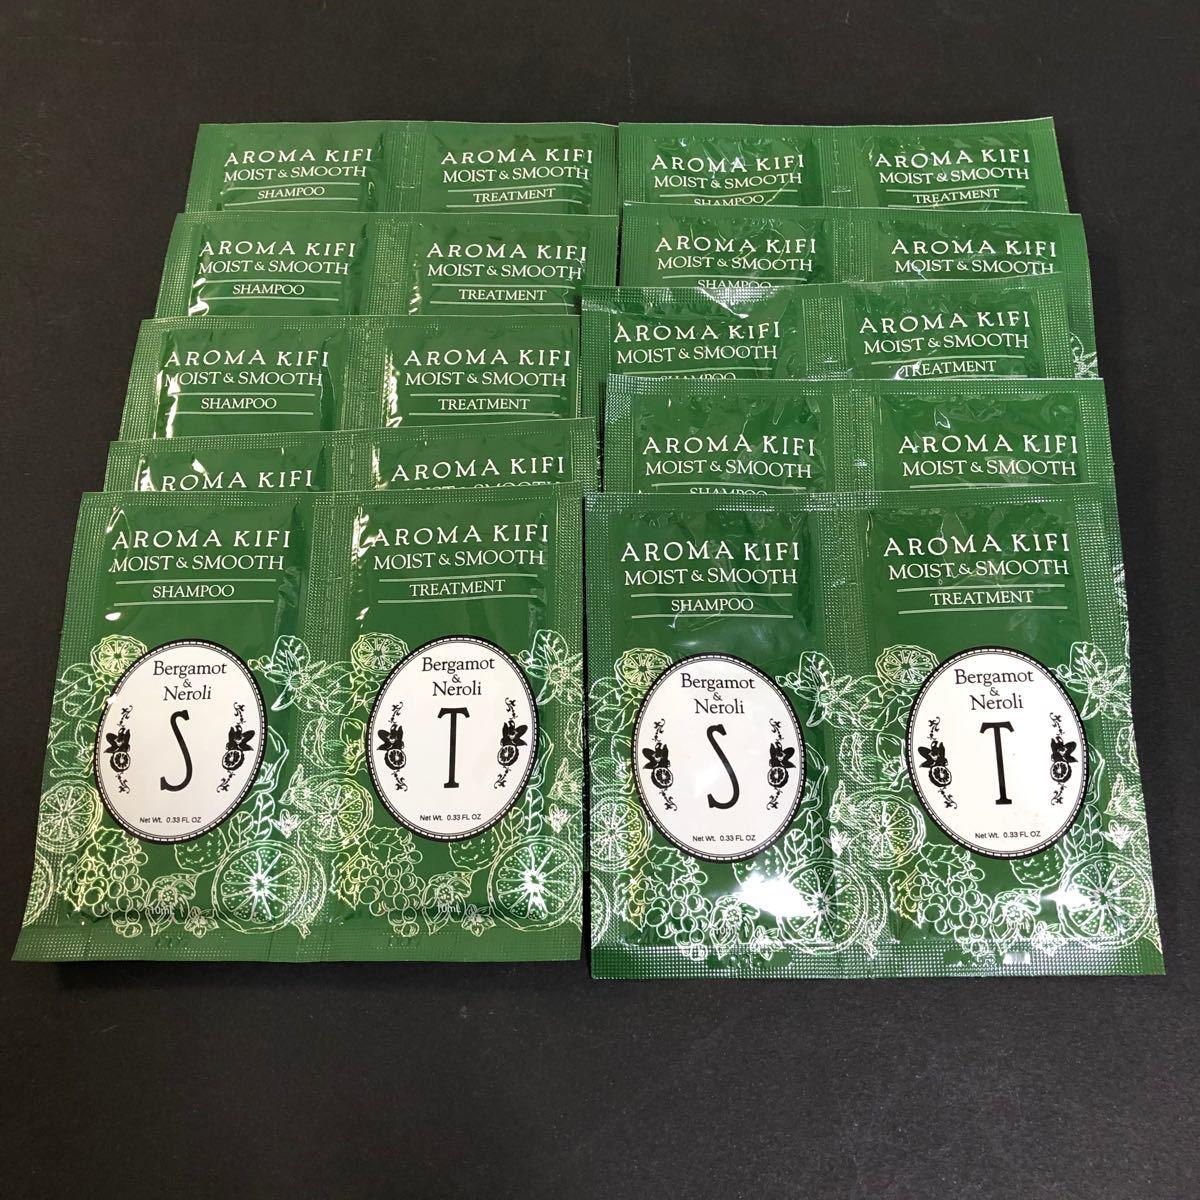 新品未開封アロマキフィ モイスト&スムースシャンプー+トリートメントベルガモット&ネロリの香り10個セット